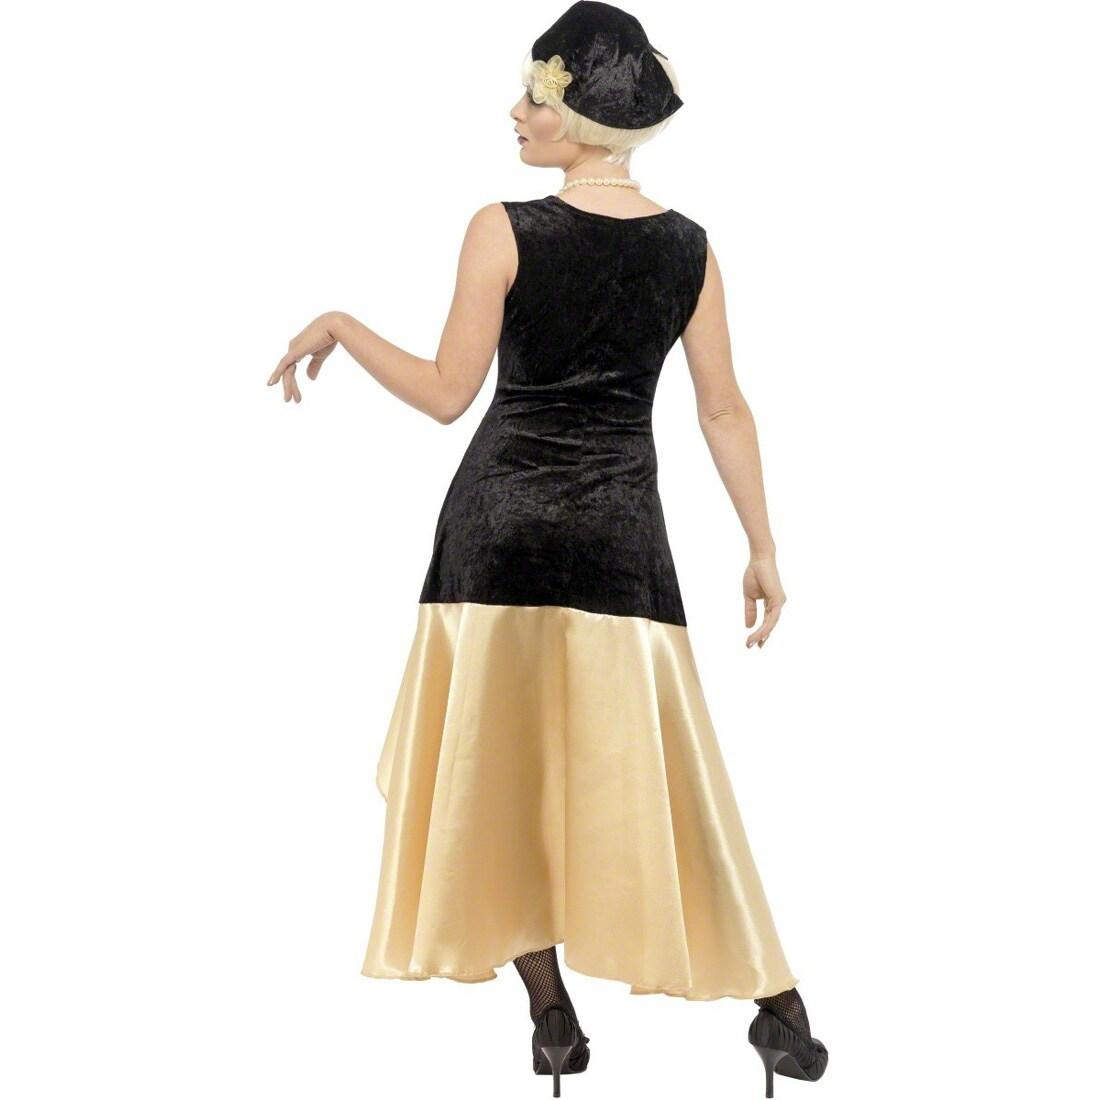 20er Jahre Gatsby Kostum Charlestonkostum Gold Schwarz M 40 42 Damenk 43 99